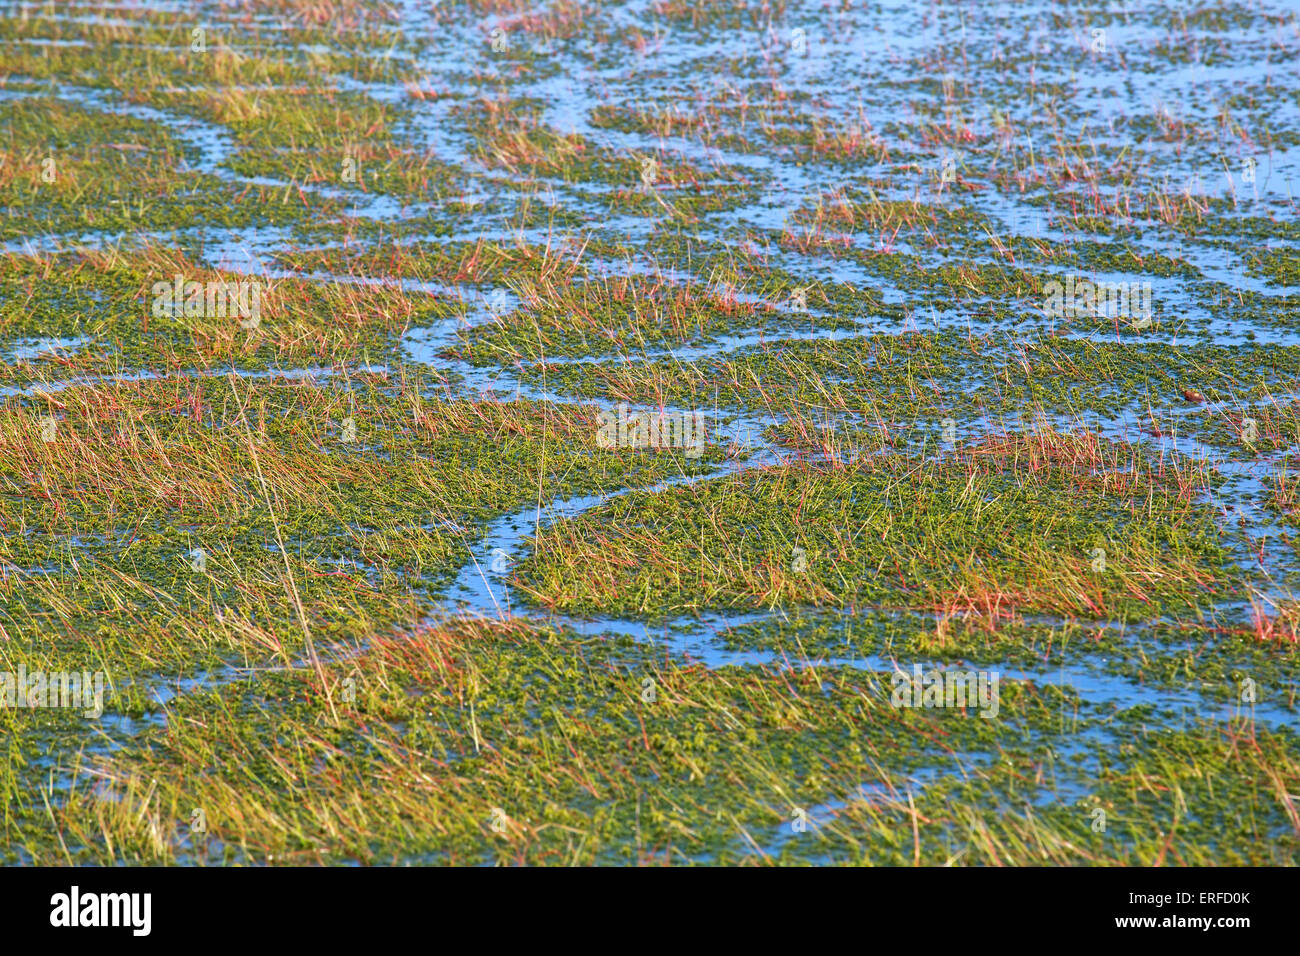 Fondo de algas verdes y agua el pantano Imagen De Stock